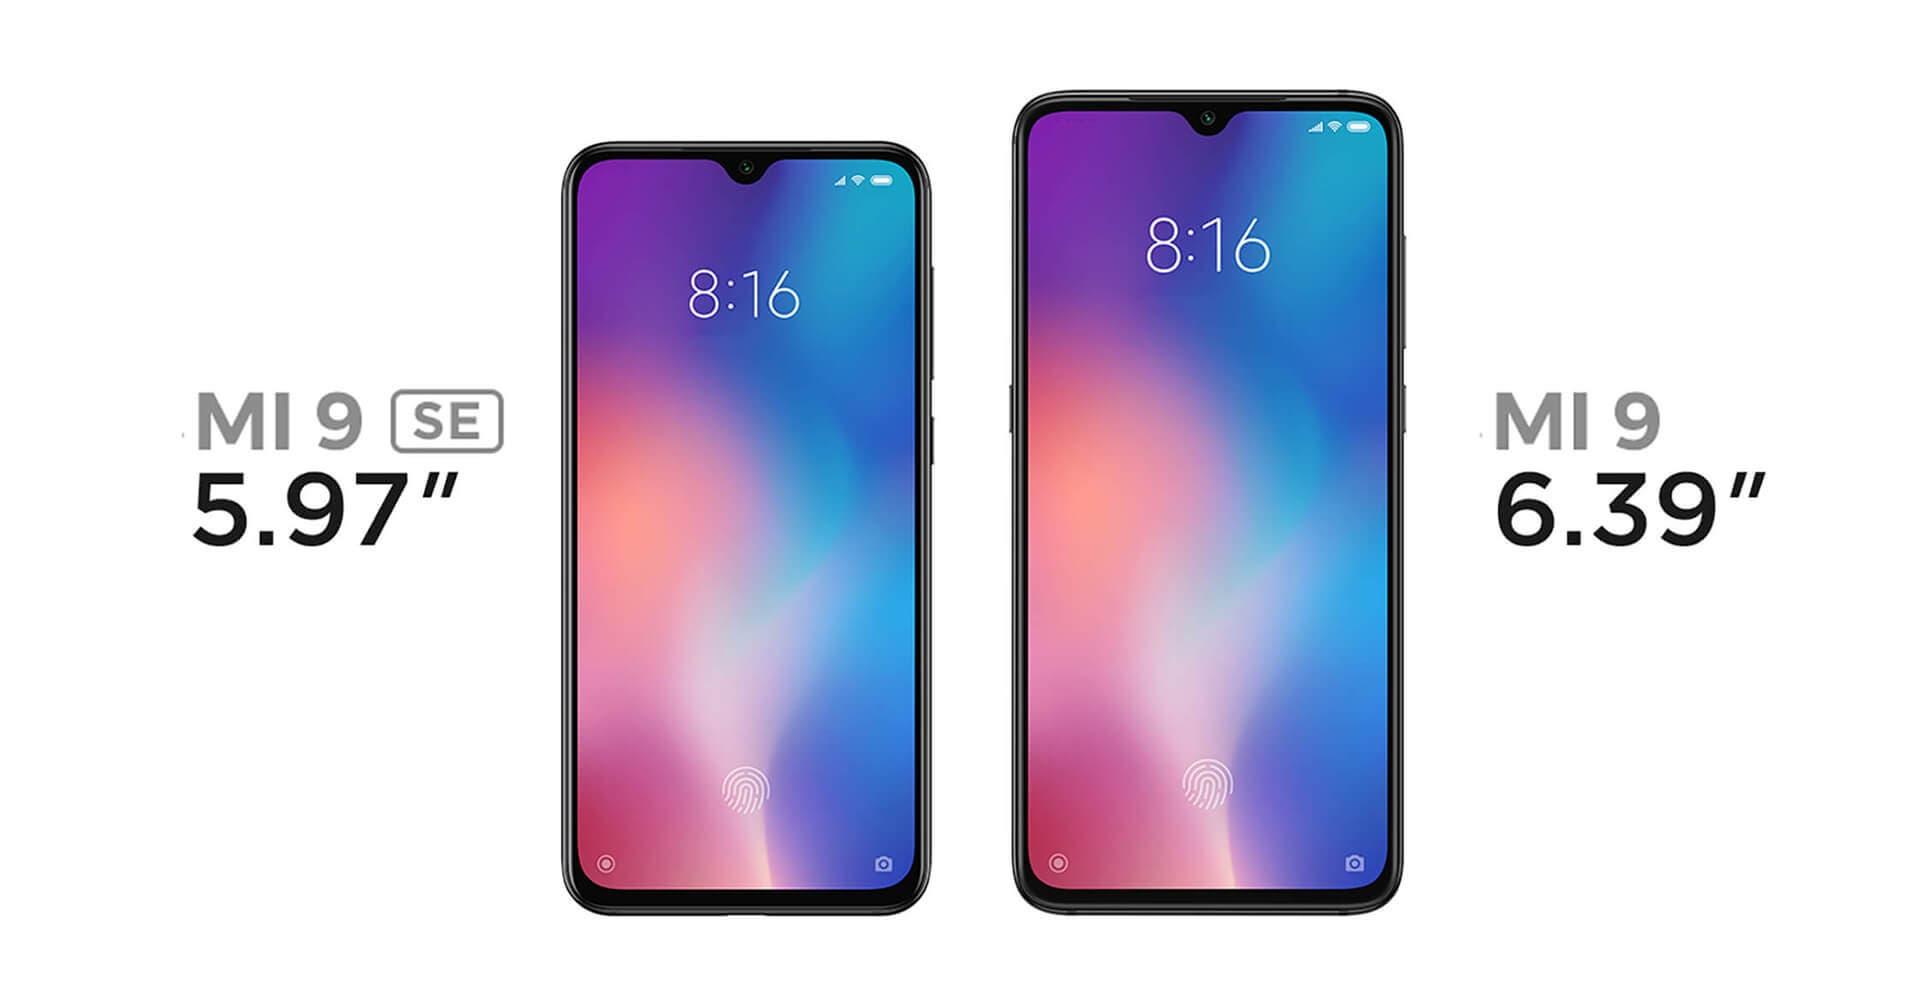 Consigue el Xiaomi Mi 9 SE con estos descuentos 2